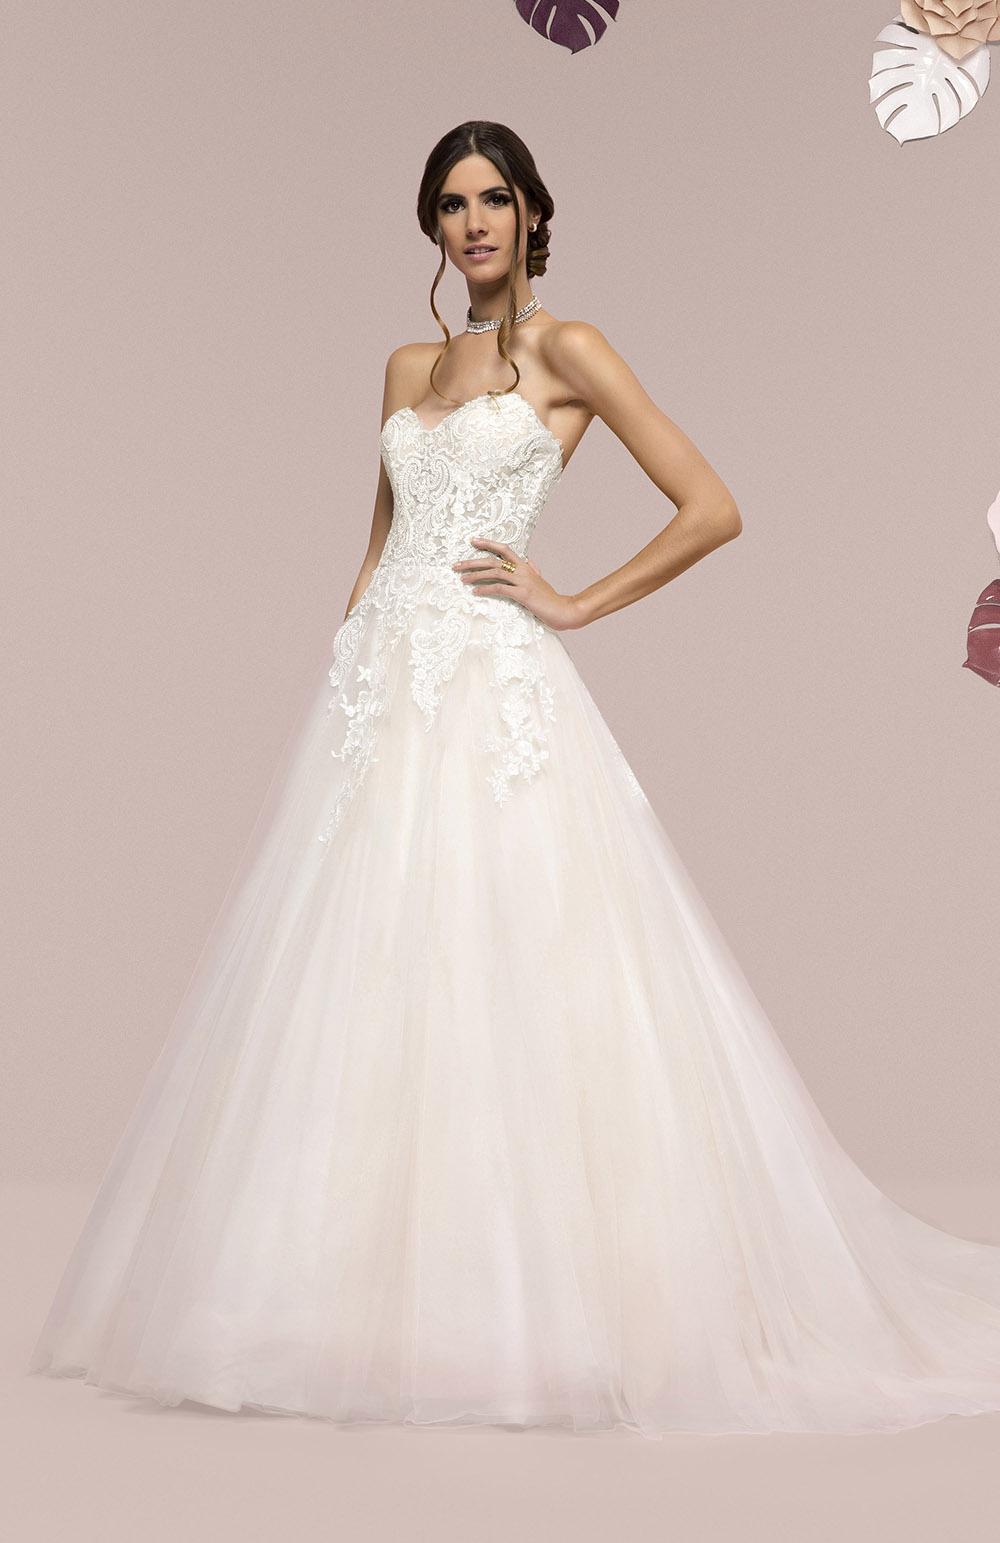 Robe de mariée Modèle Vincenza